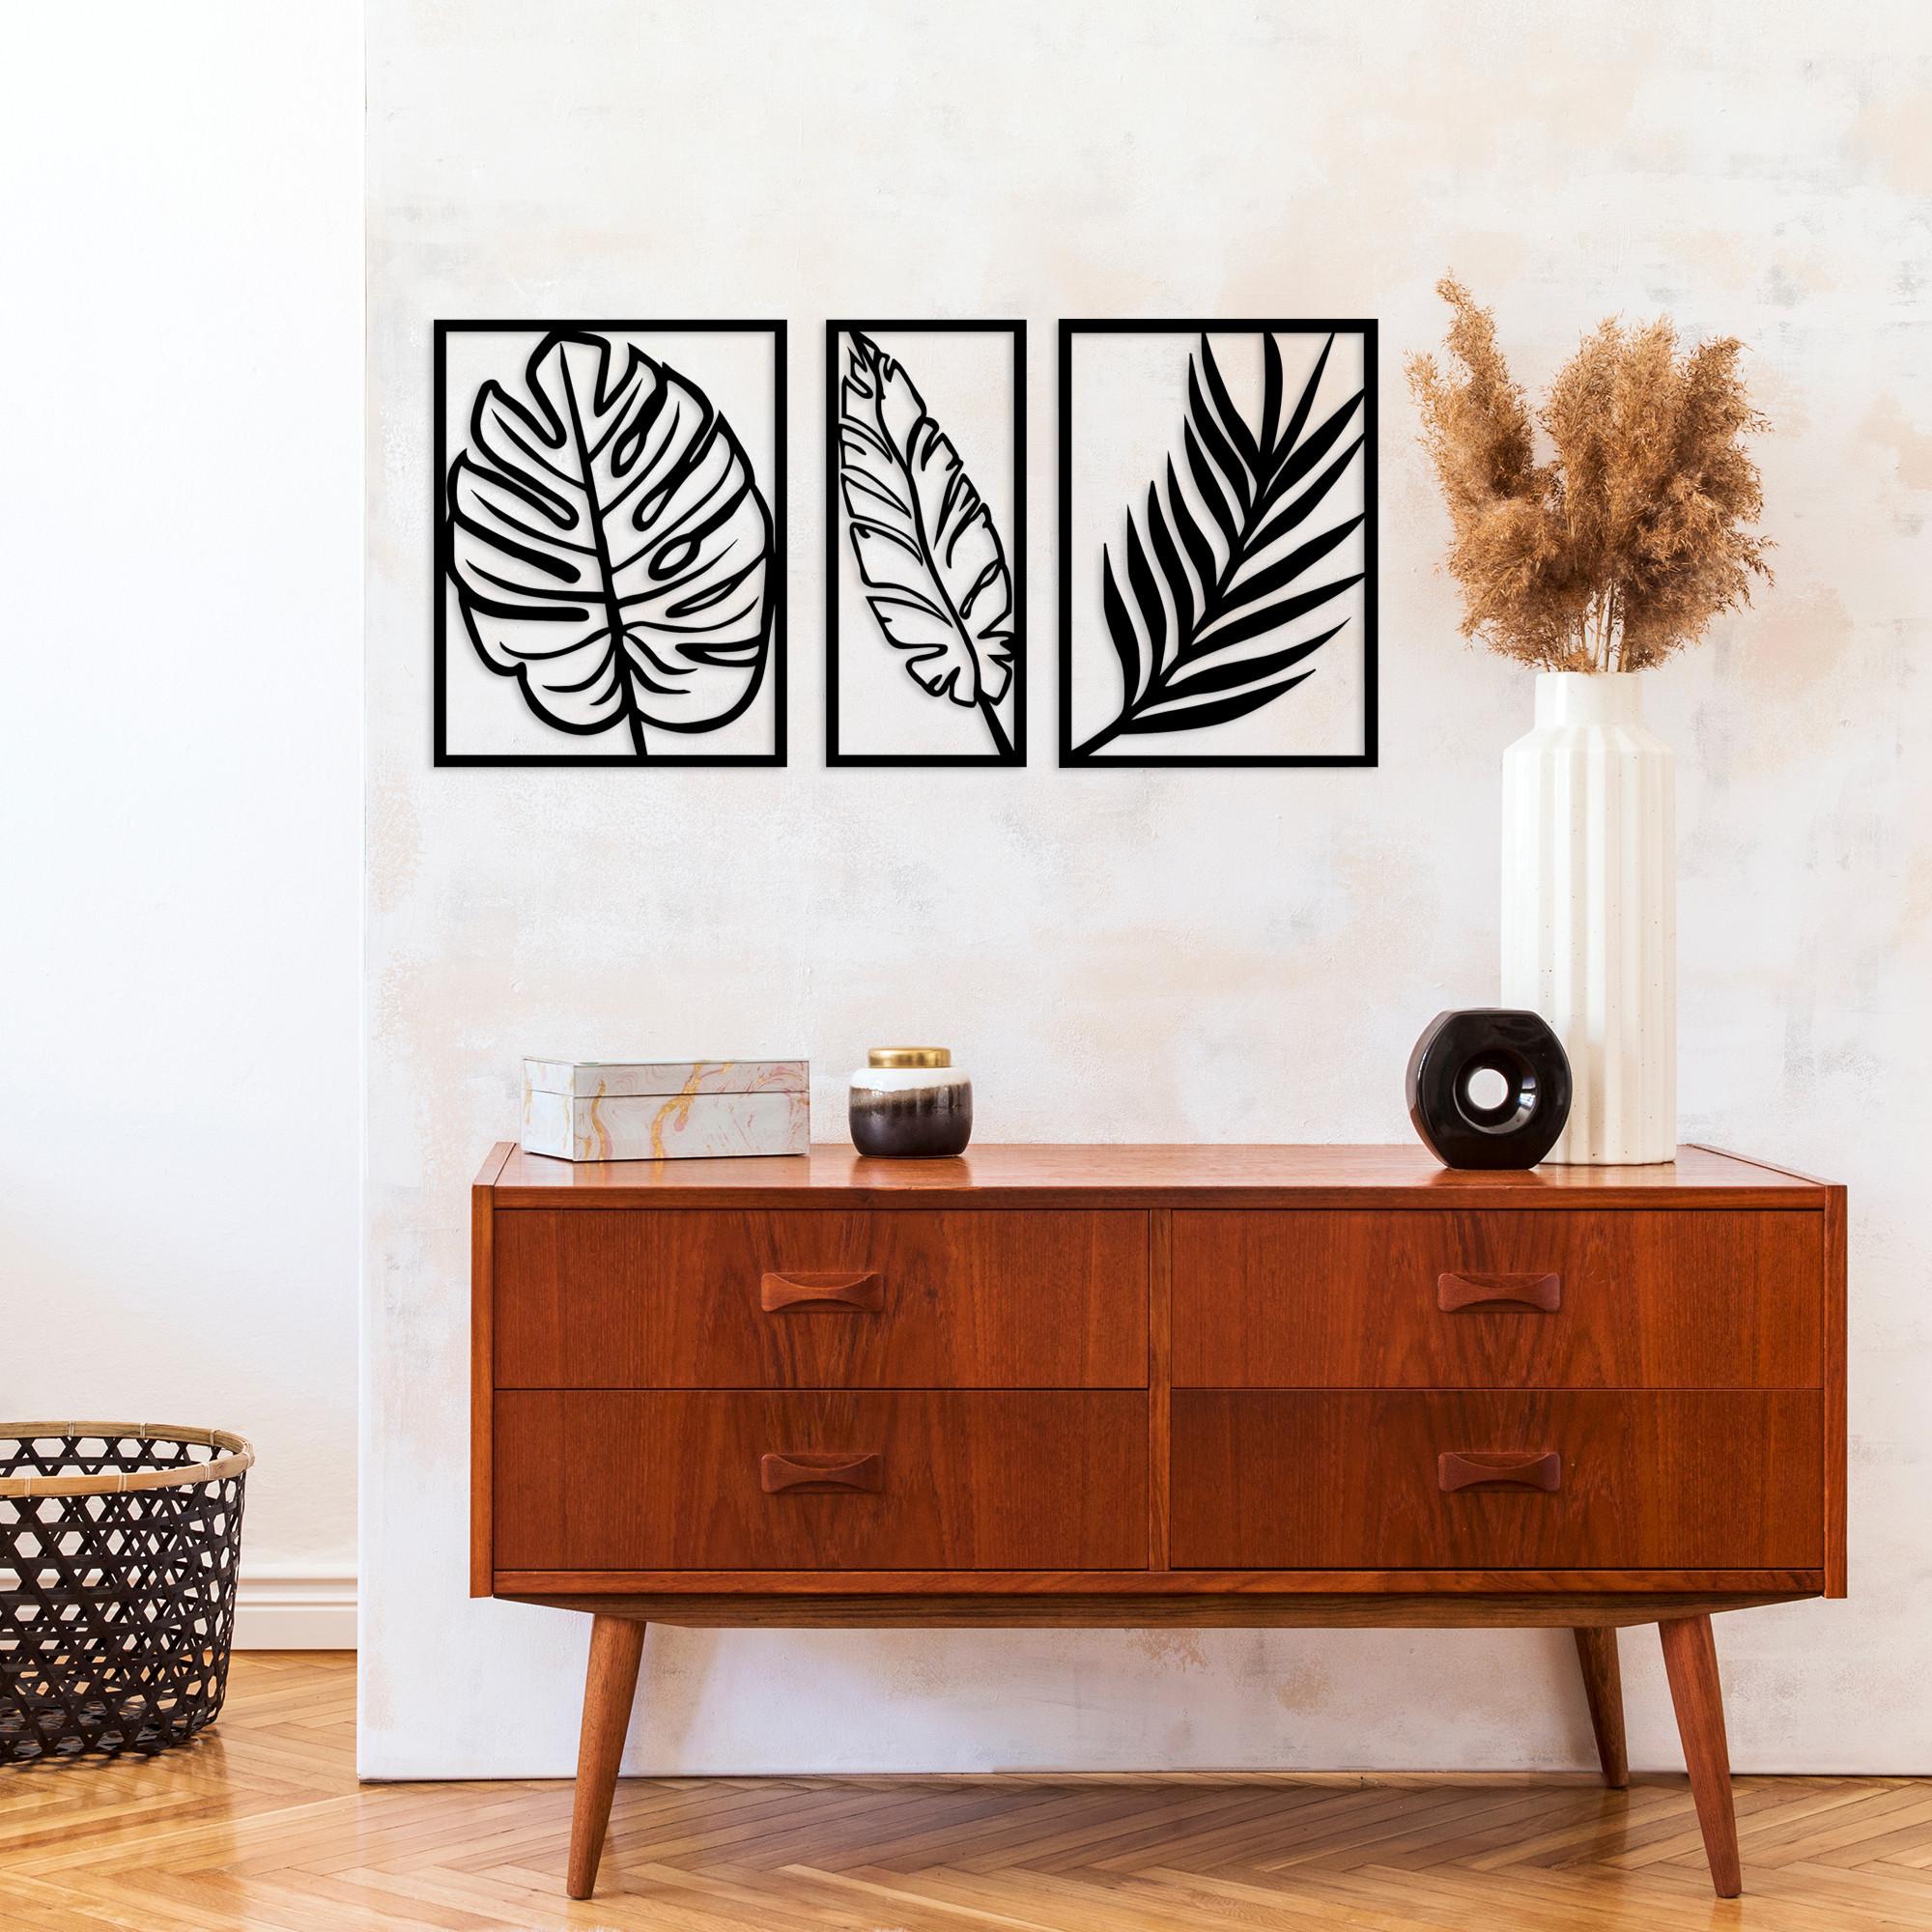 Wall Decoration Leaf 2 | Black